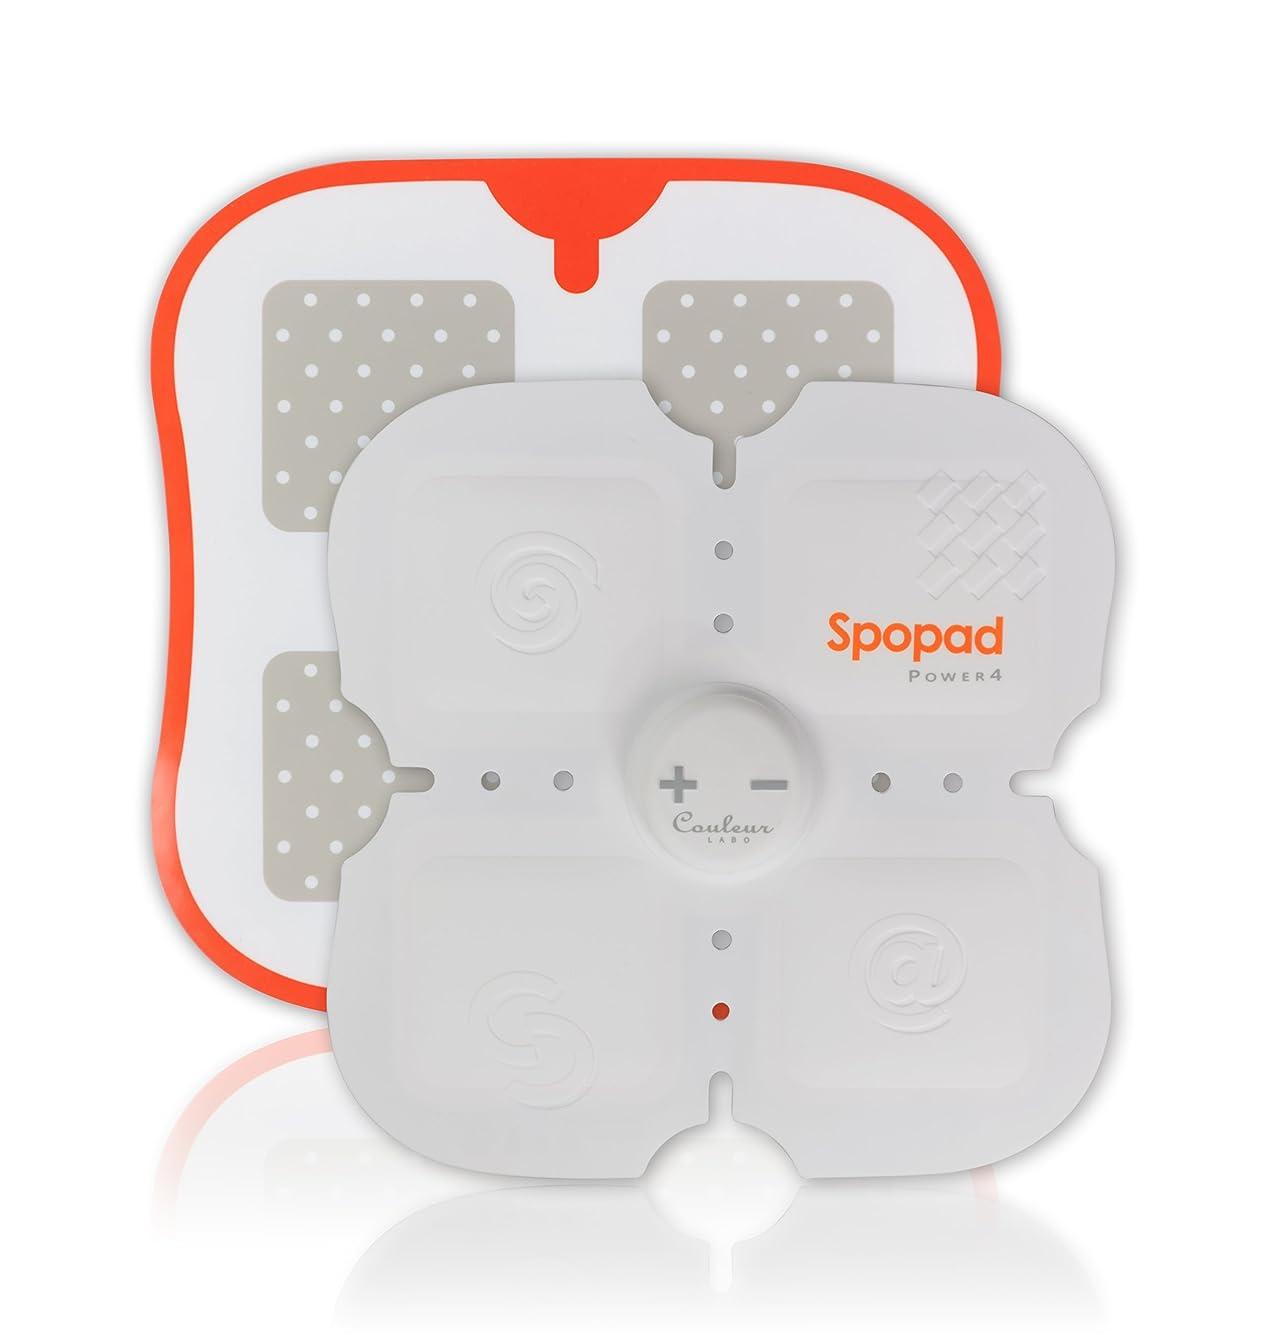 ポスト印象派微視的老人SPOPAD POWER4(スポパッドパワーフォー) 家庭用EMS運動機器、超薄型、超軽量、ワイヤレス、ハンズフリー